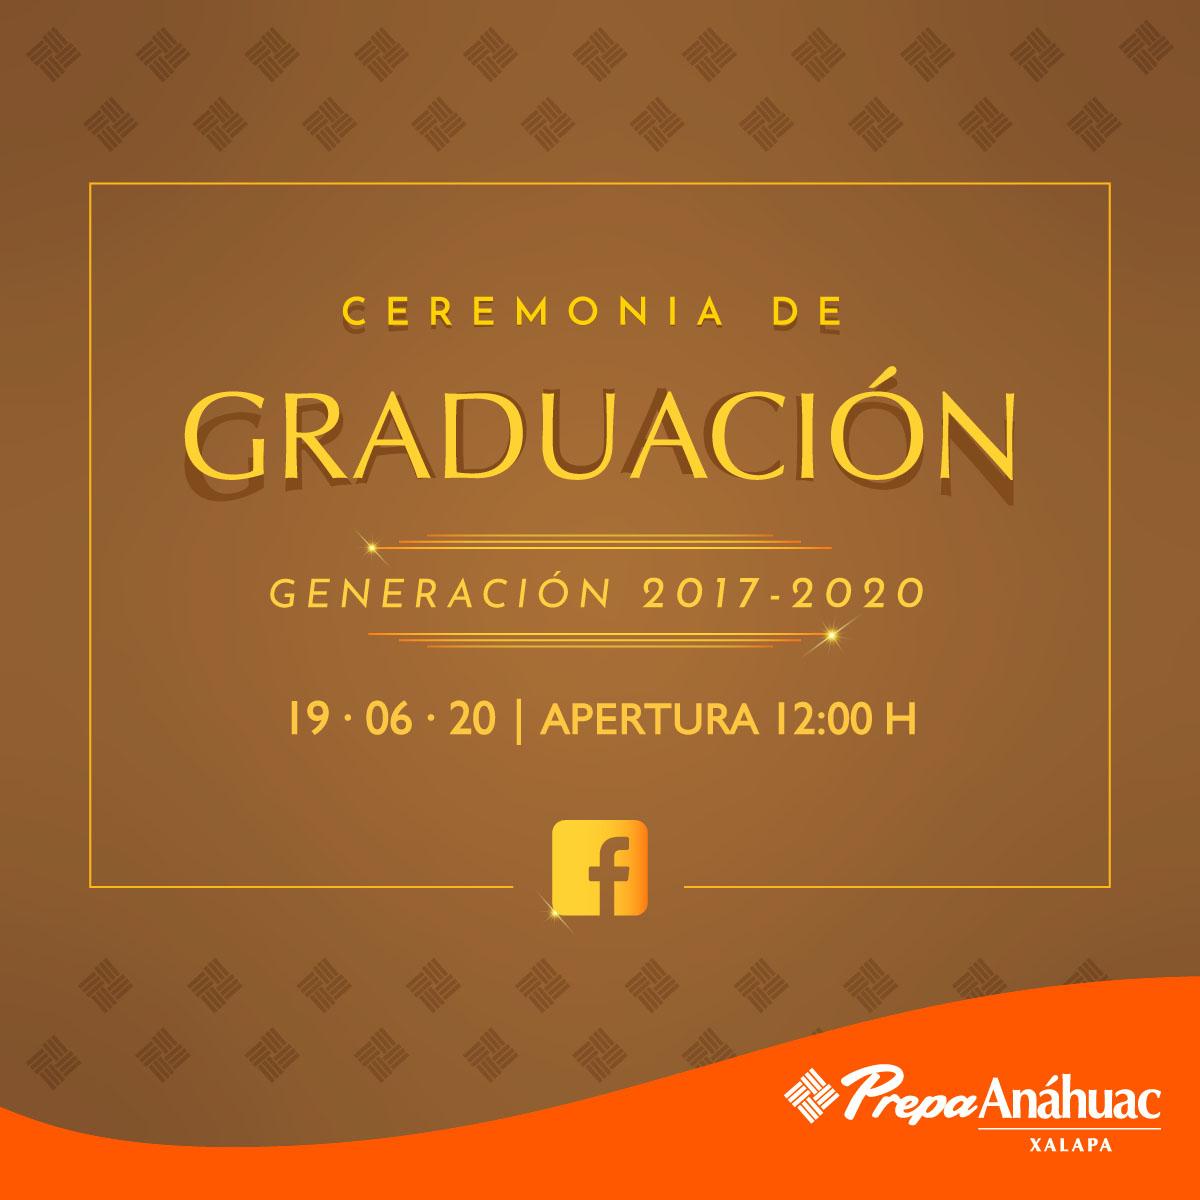 Ceremonia de Graduación de la Generación 2017-2020